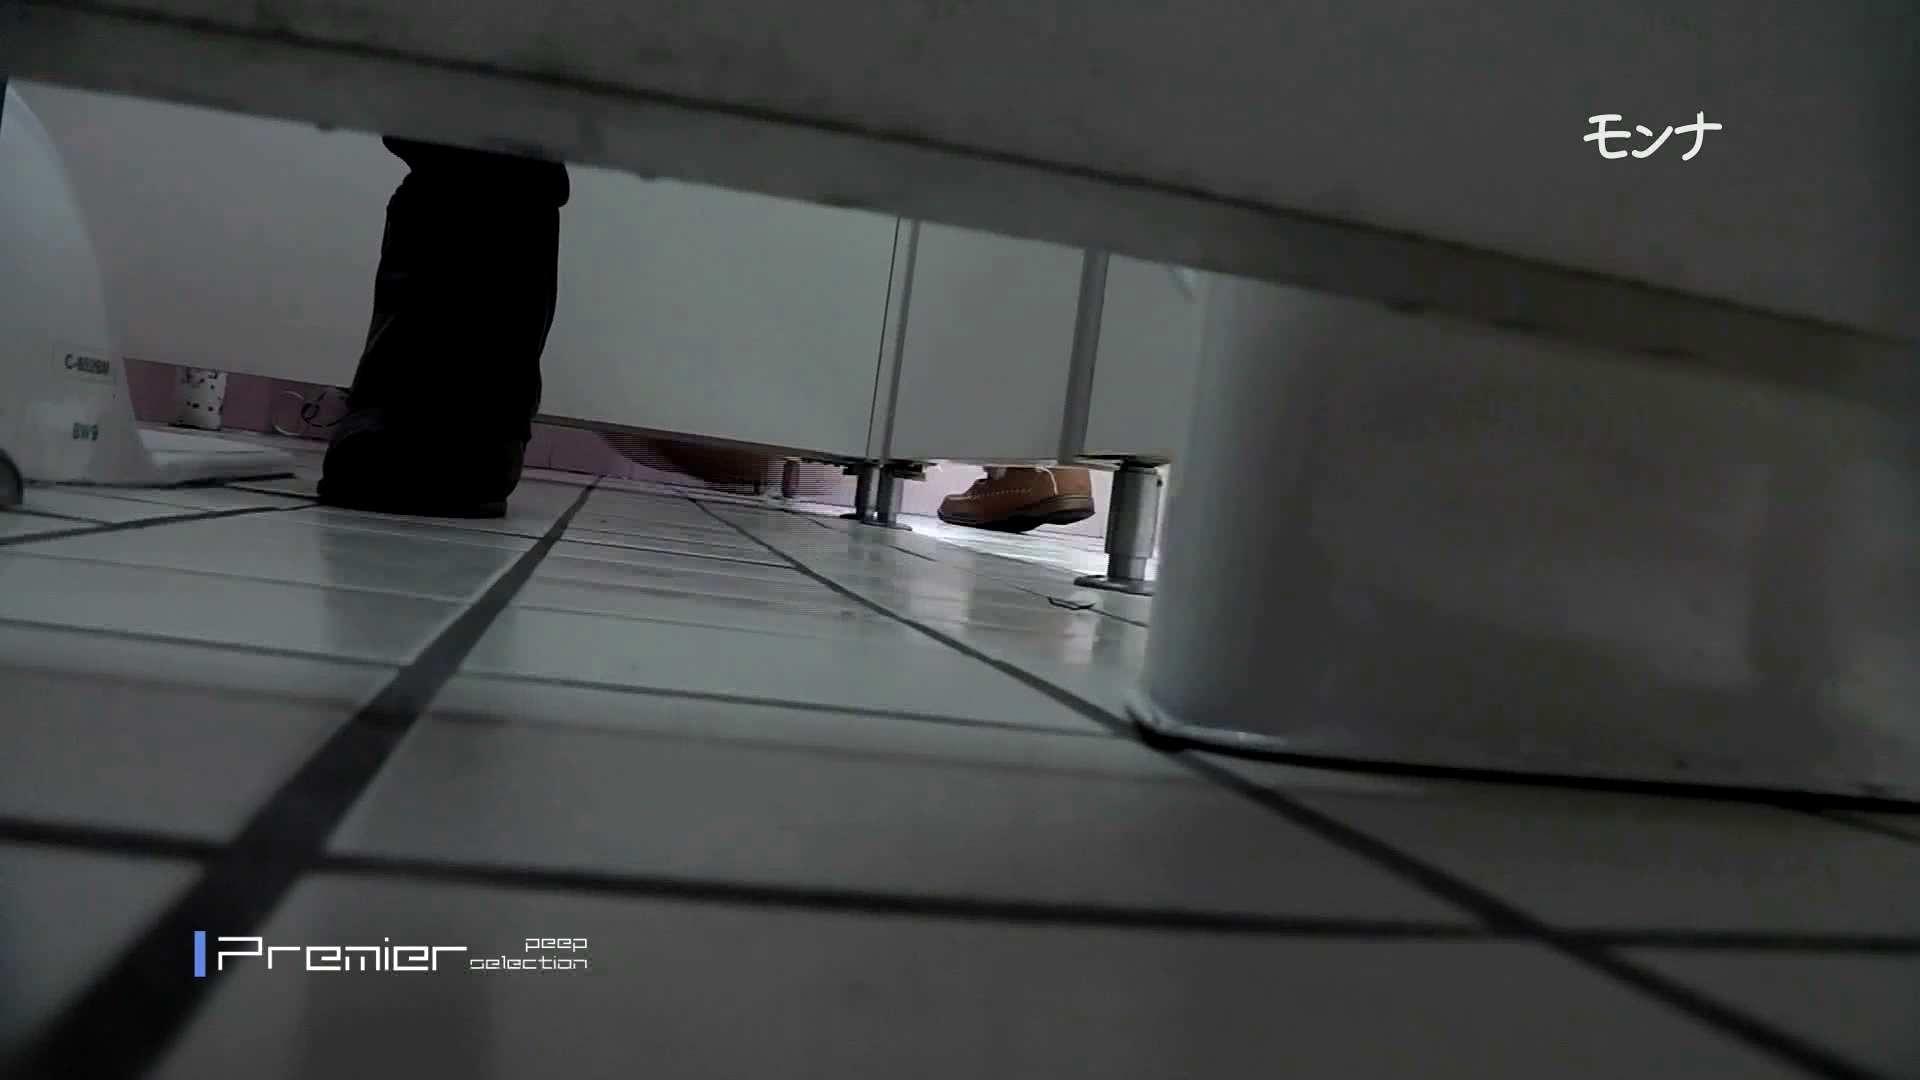 美しい日本の未来 No.82たまらない丸み、今度またハプニング起きる ハプニング オメコ動画キャプチャ 50画像 19